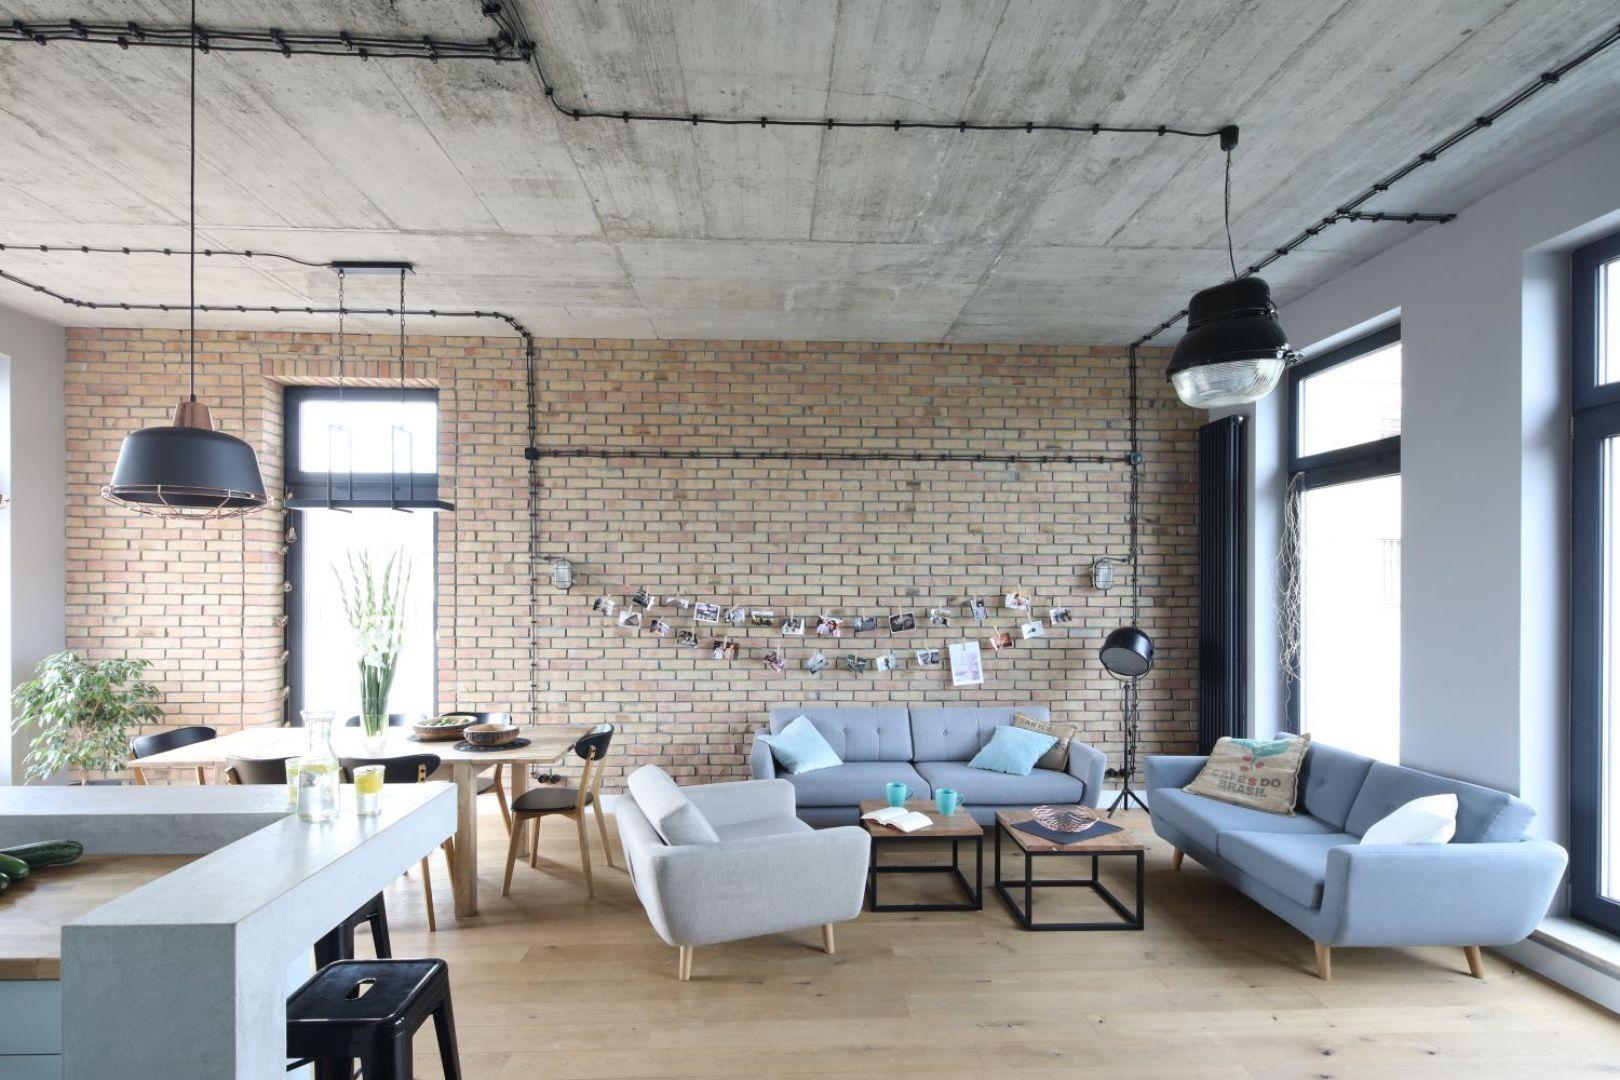 Całą ścianę w dużym, przestronnym salonie wykończono cegłą w jasnym, brązowym kolorze. Projekt: Maciejka Peszyńska-Drews. Fot. Bartosz Jarosz